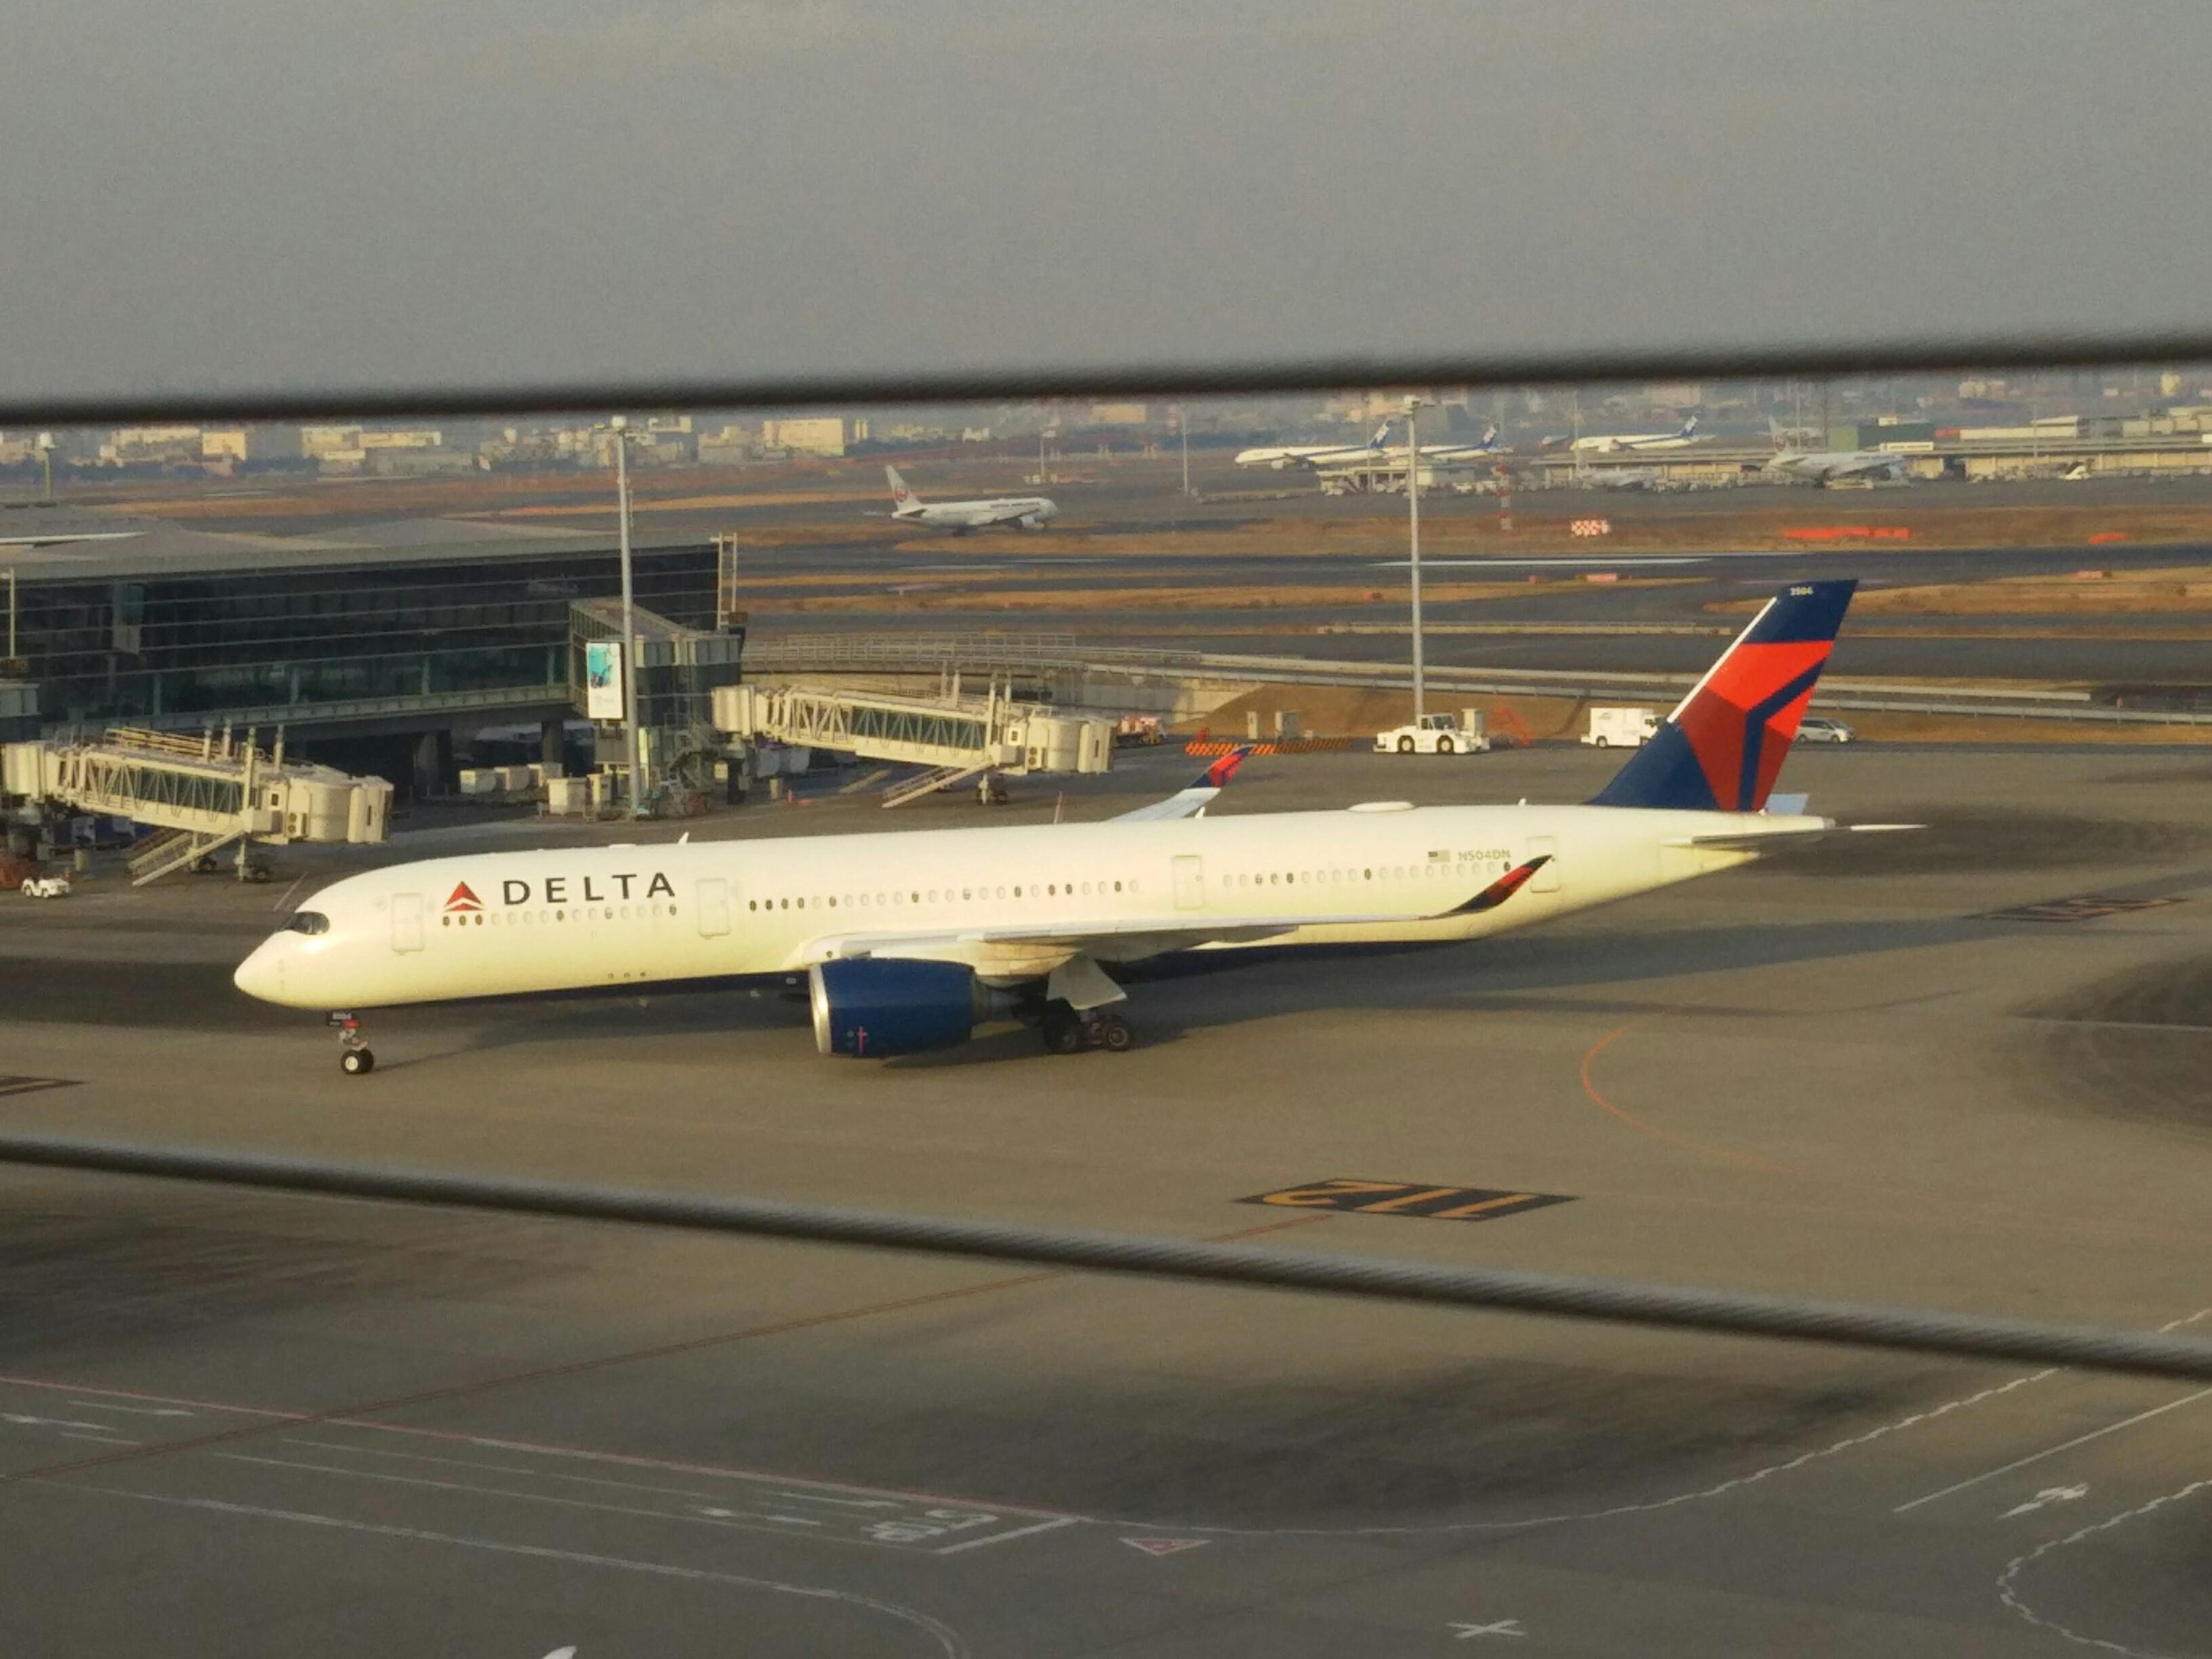 f:id:A350-900:20210109215351j:image